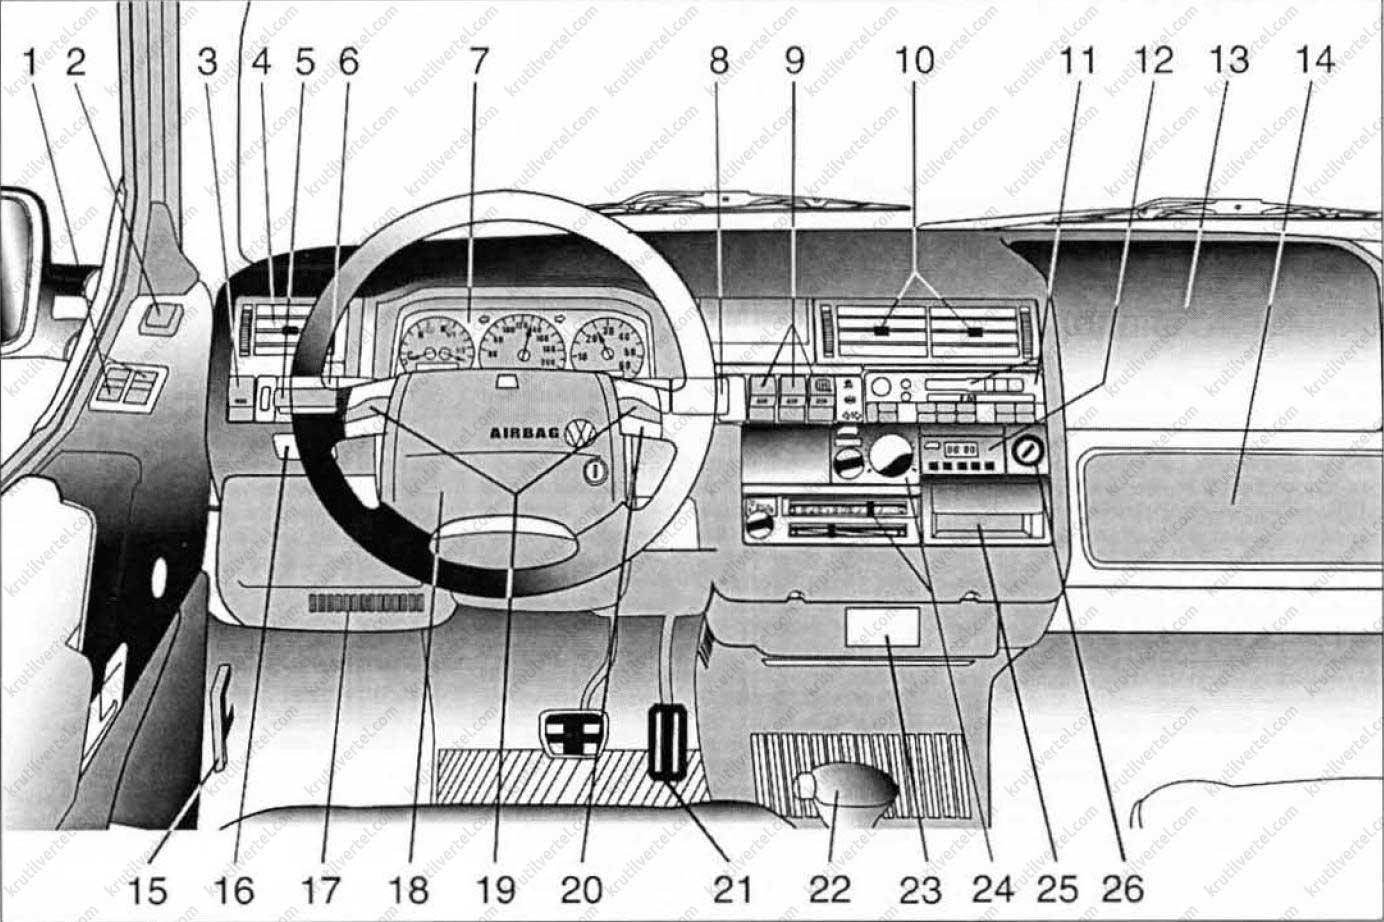 Выключатель света транспортер т4 транспортер т5 не заводится на горячую